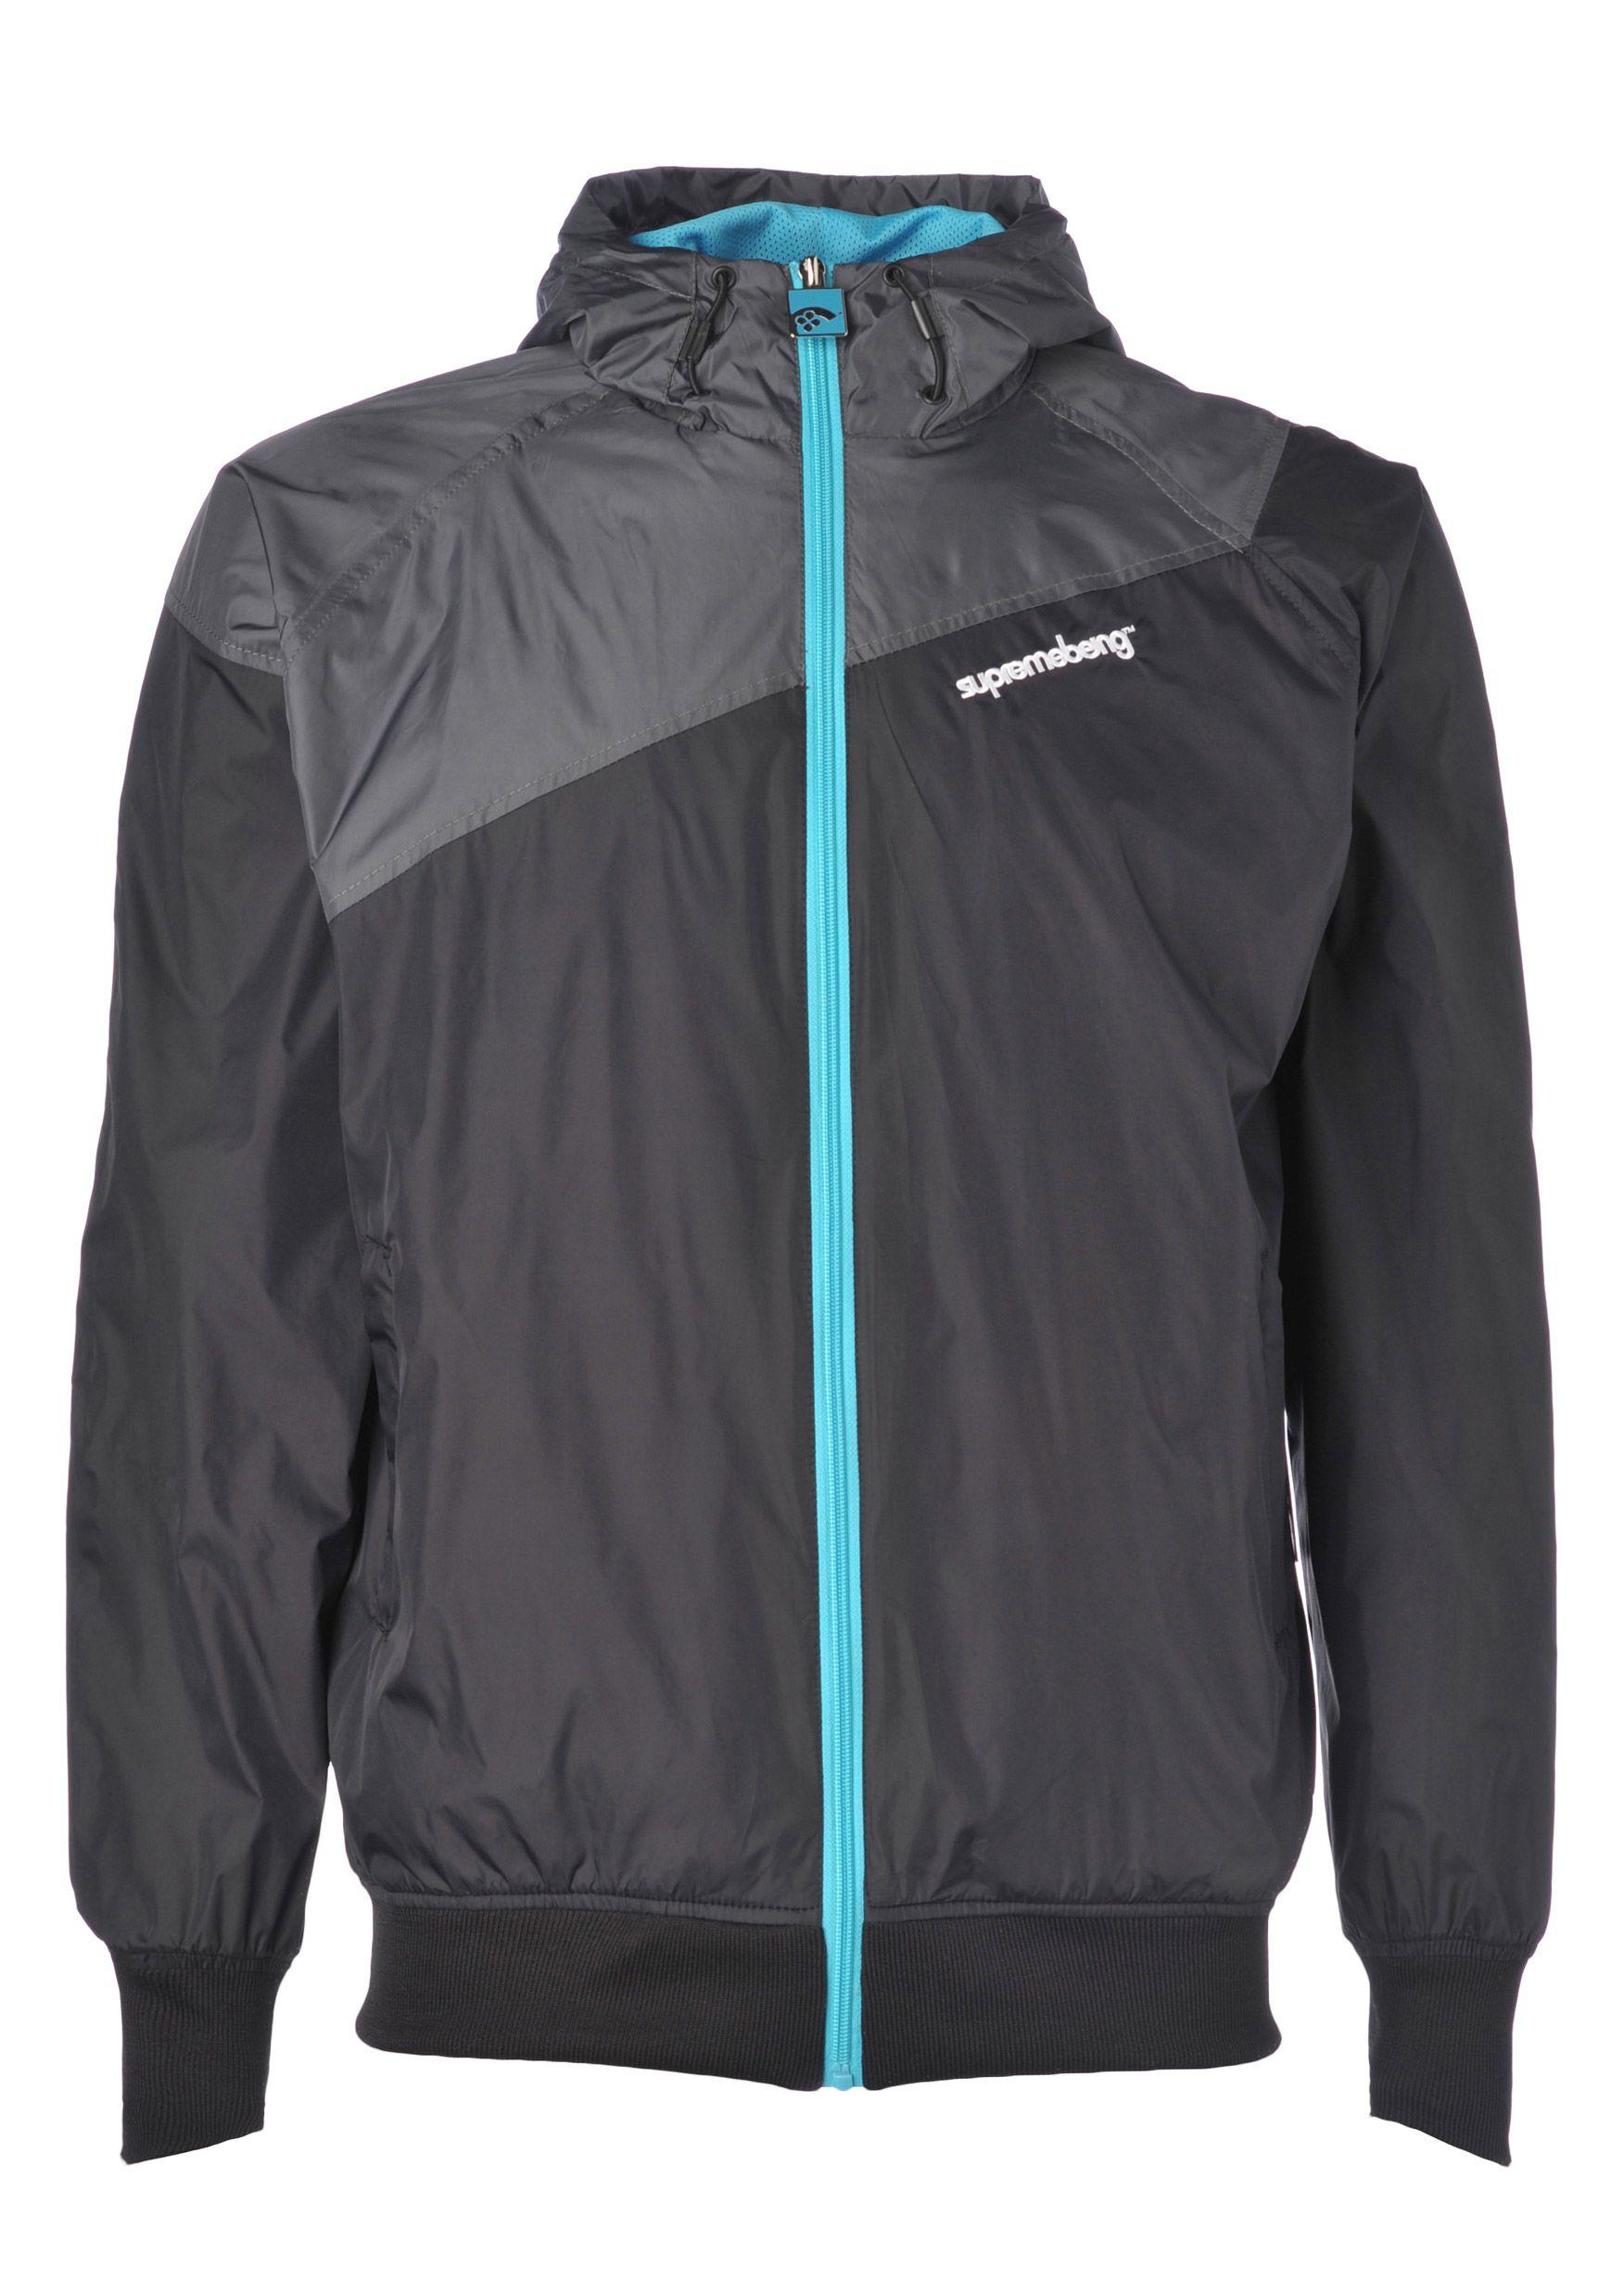 Eject Jacket Jackets, Nike jacket, Athletic jacket